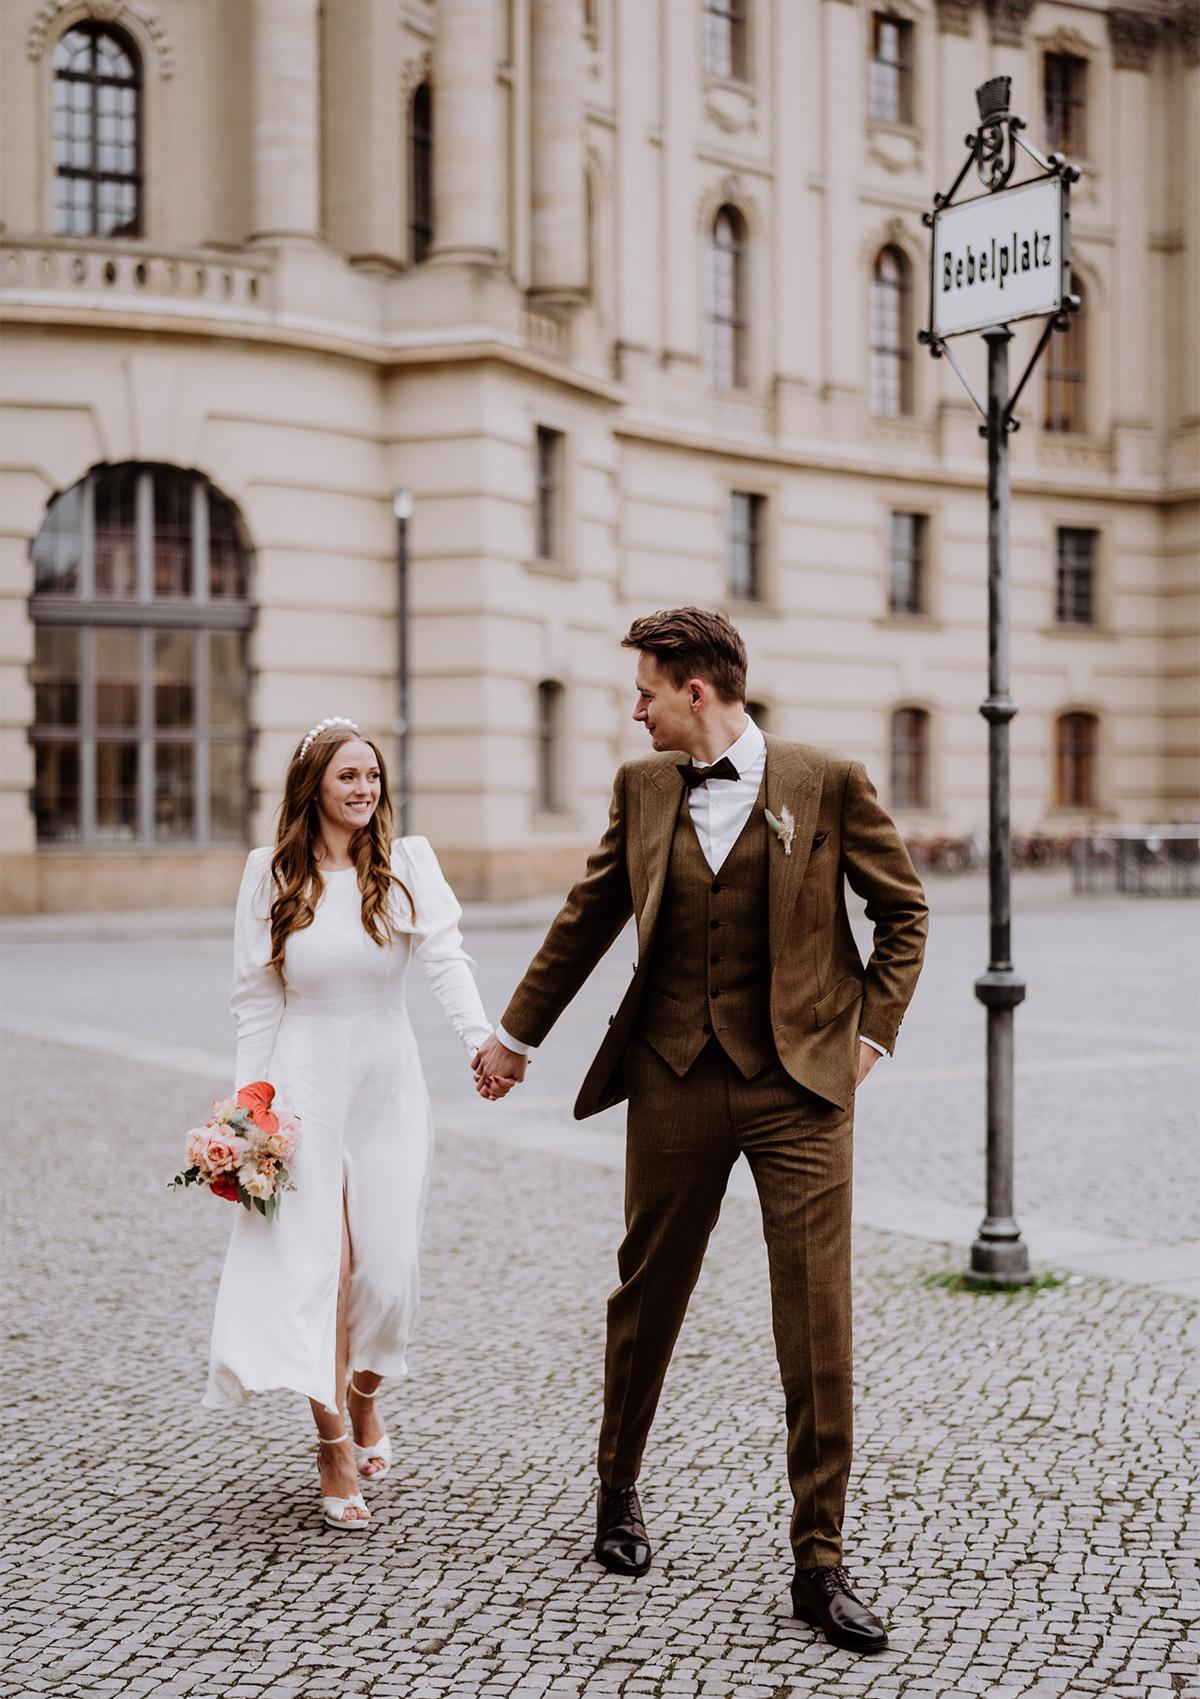 Urbanes Hochzeitsshooting: Der Fotograf lotste das Hochzeitpaar nach dem Standesamt auf den Bebelplatz in Berlin und auch in den Grunewald. Mehr natürliche Hochzeitsfotos bei #hochzeitslicht © www.hochzeitslicht.de